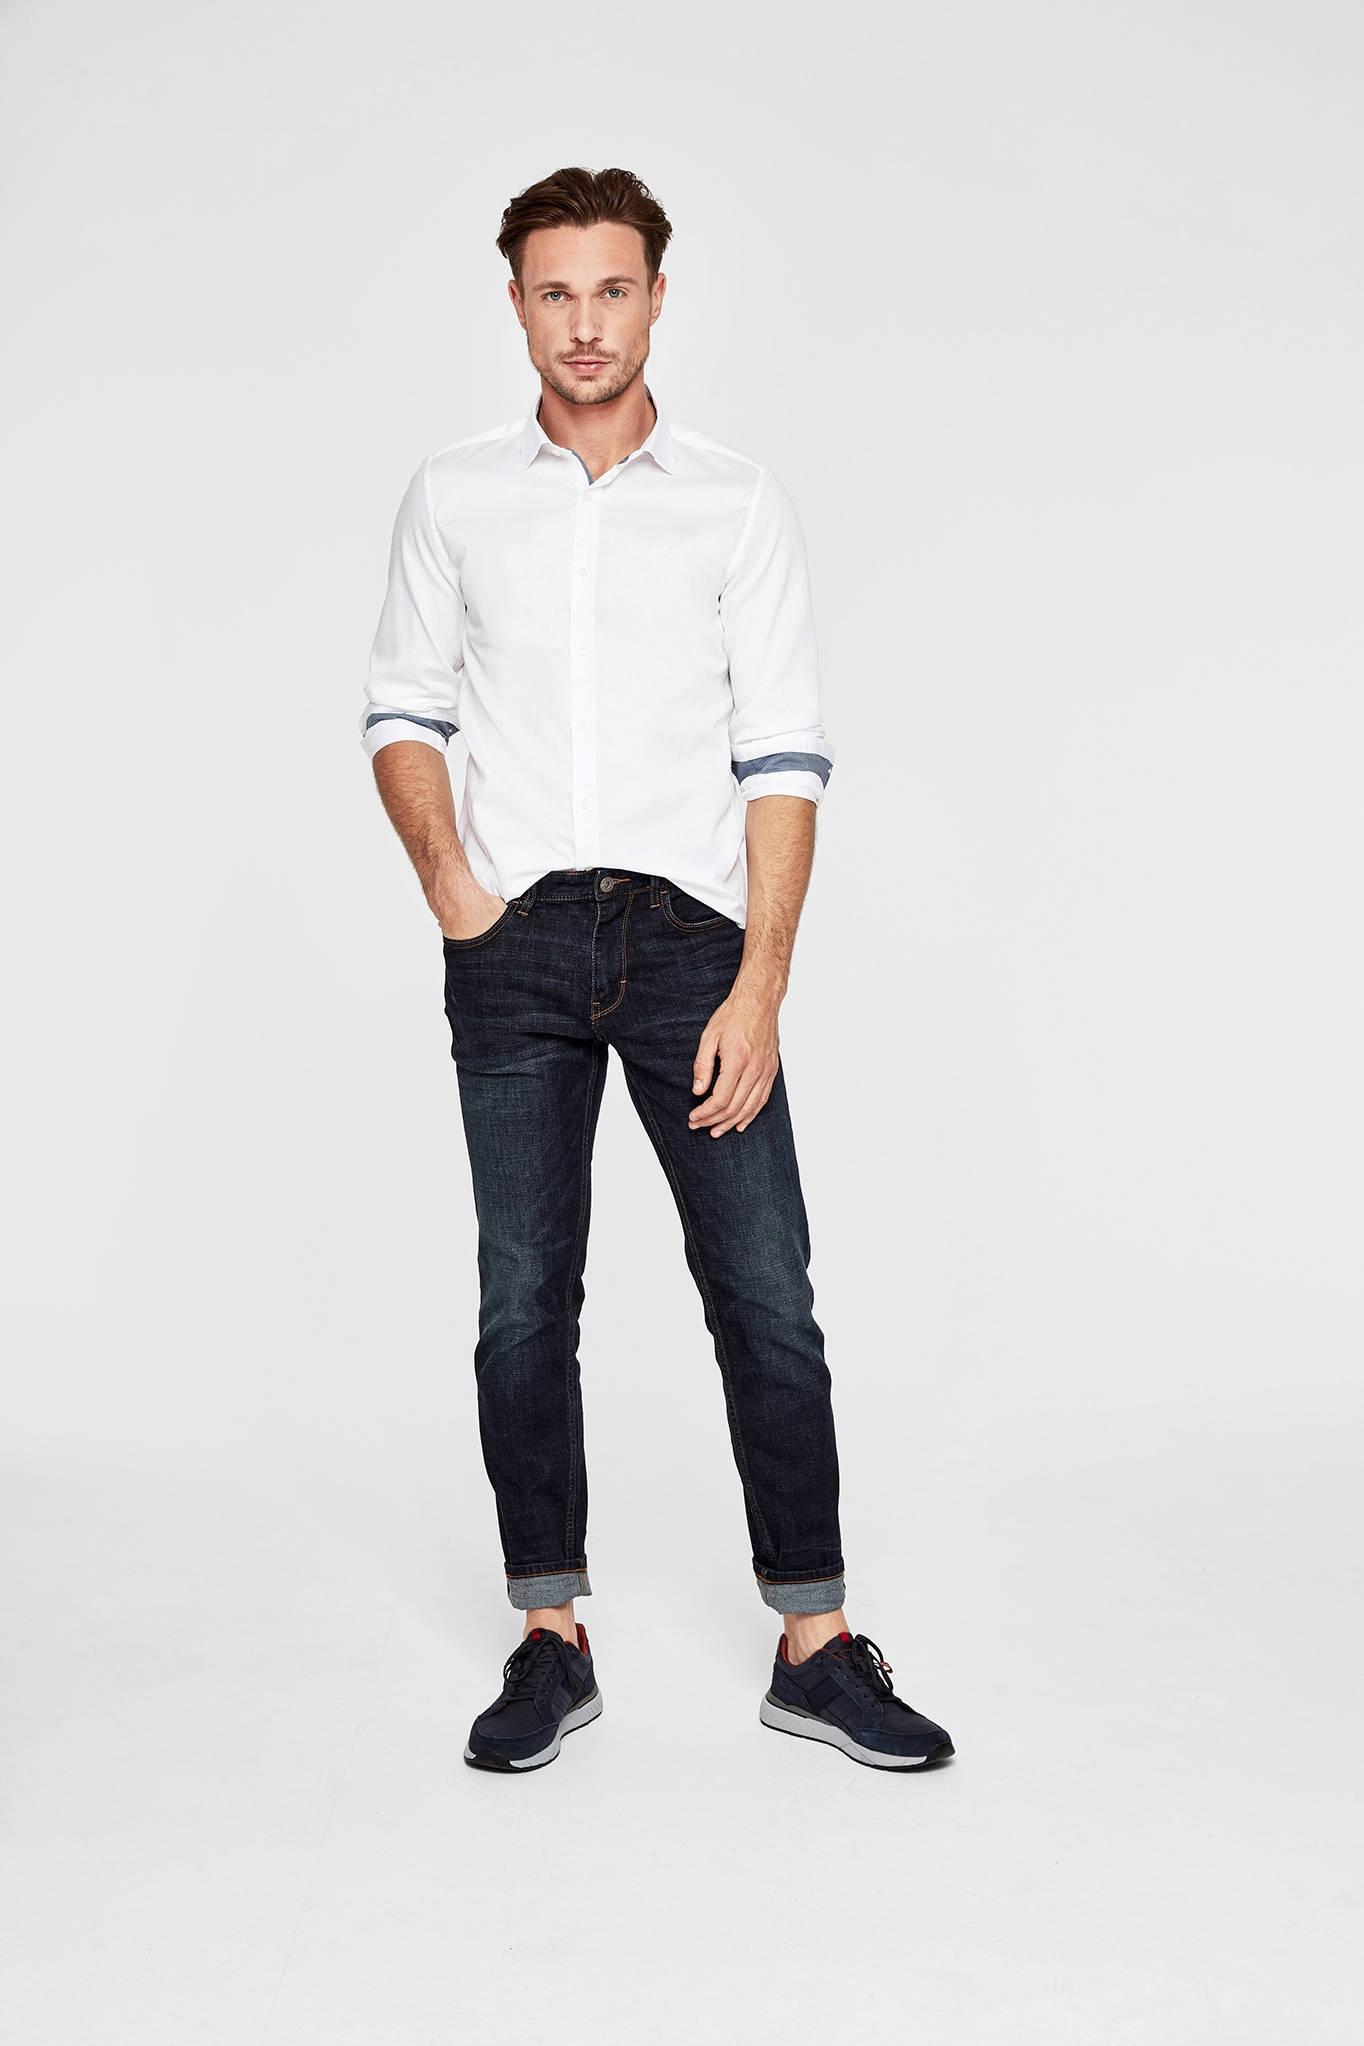 s.Oliver slim fit overhemd wit | wehkamp